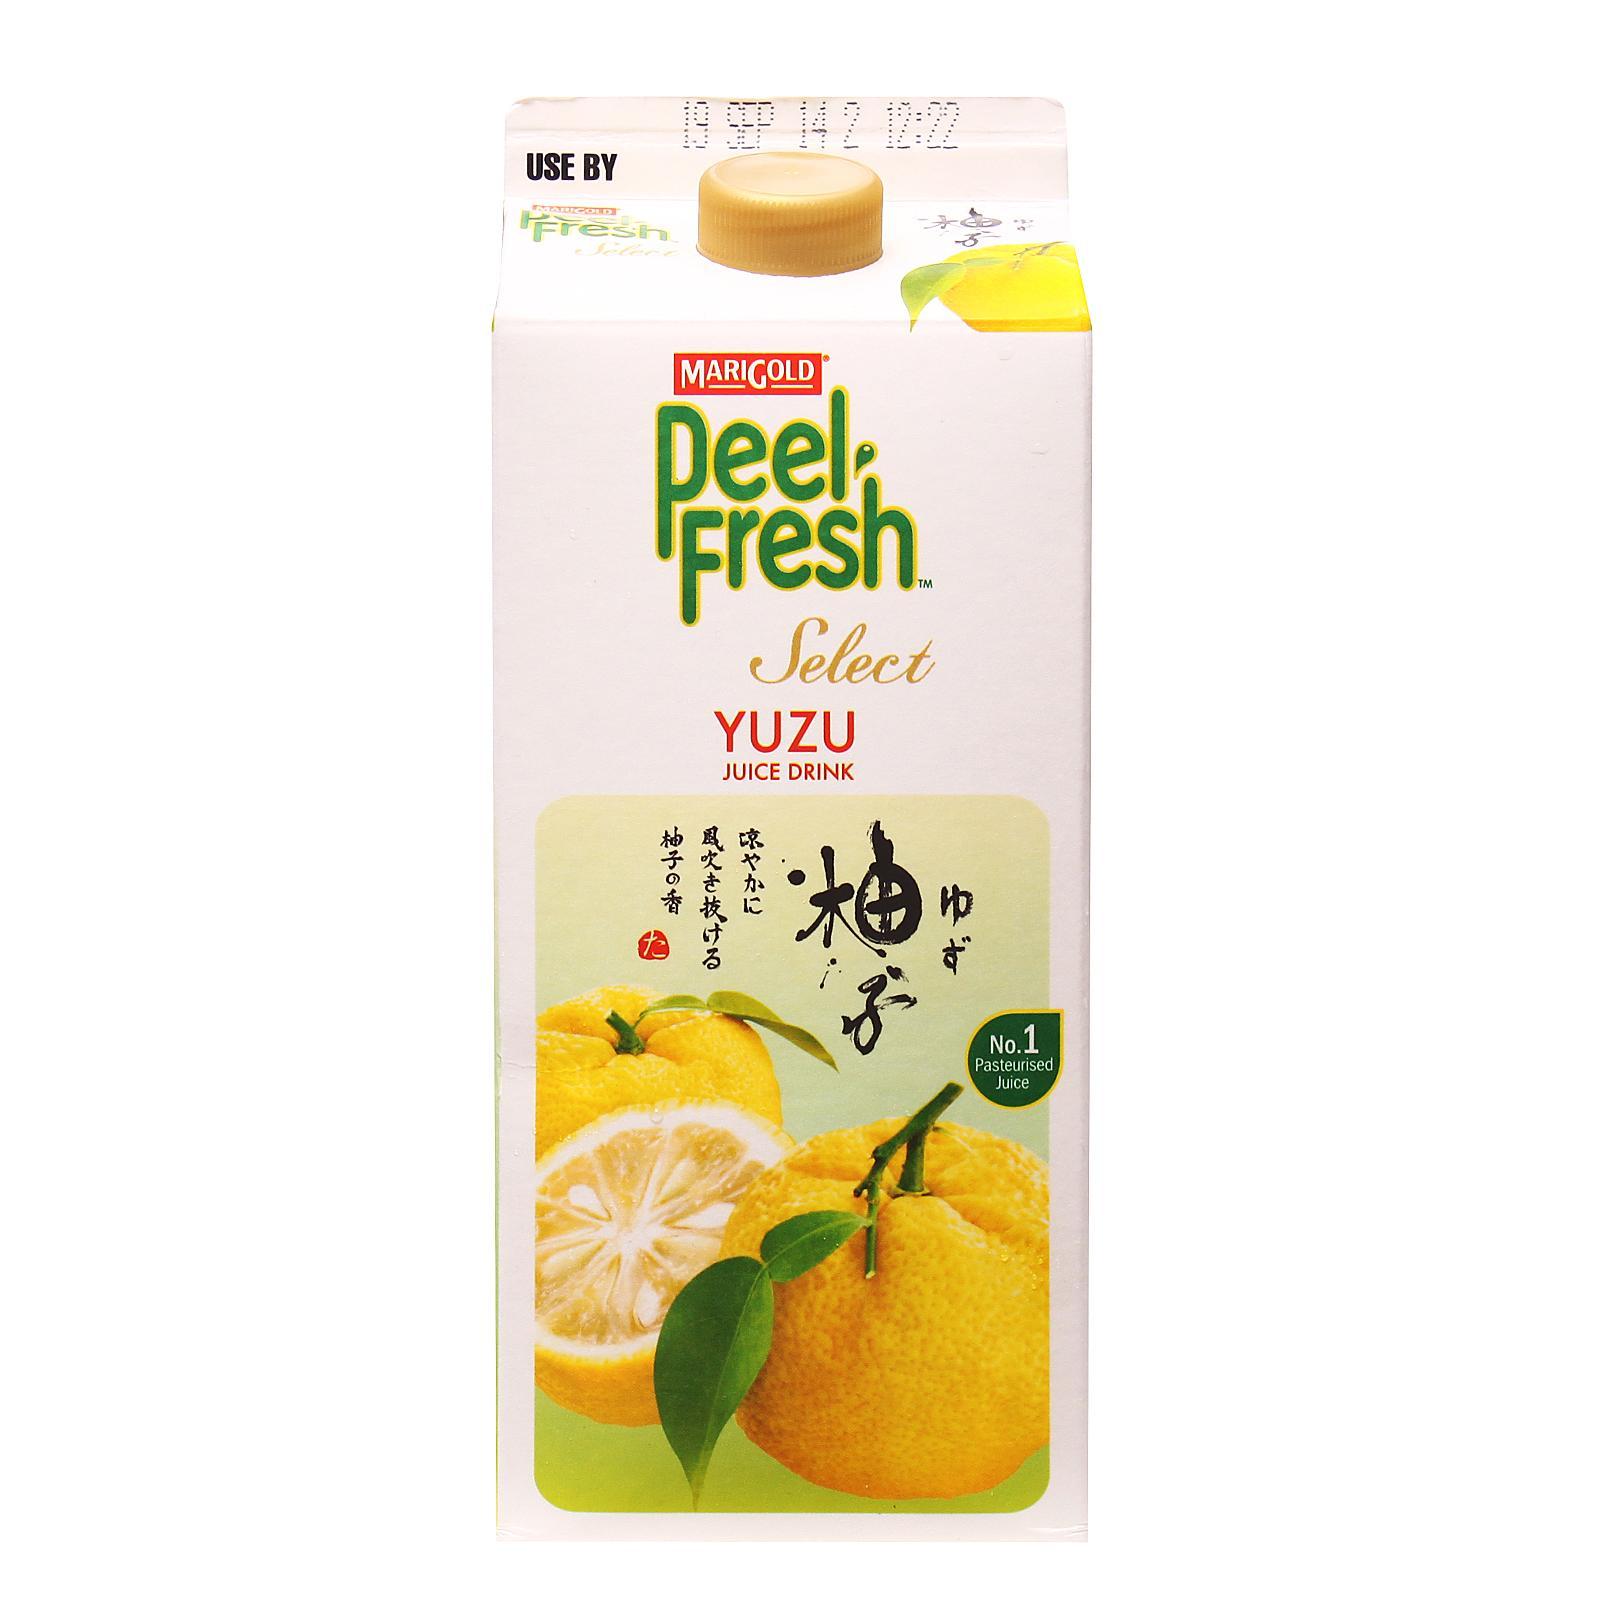 Marigold Peel Fresh Select Juice Drink - Yuzu By Redmart.